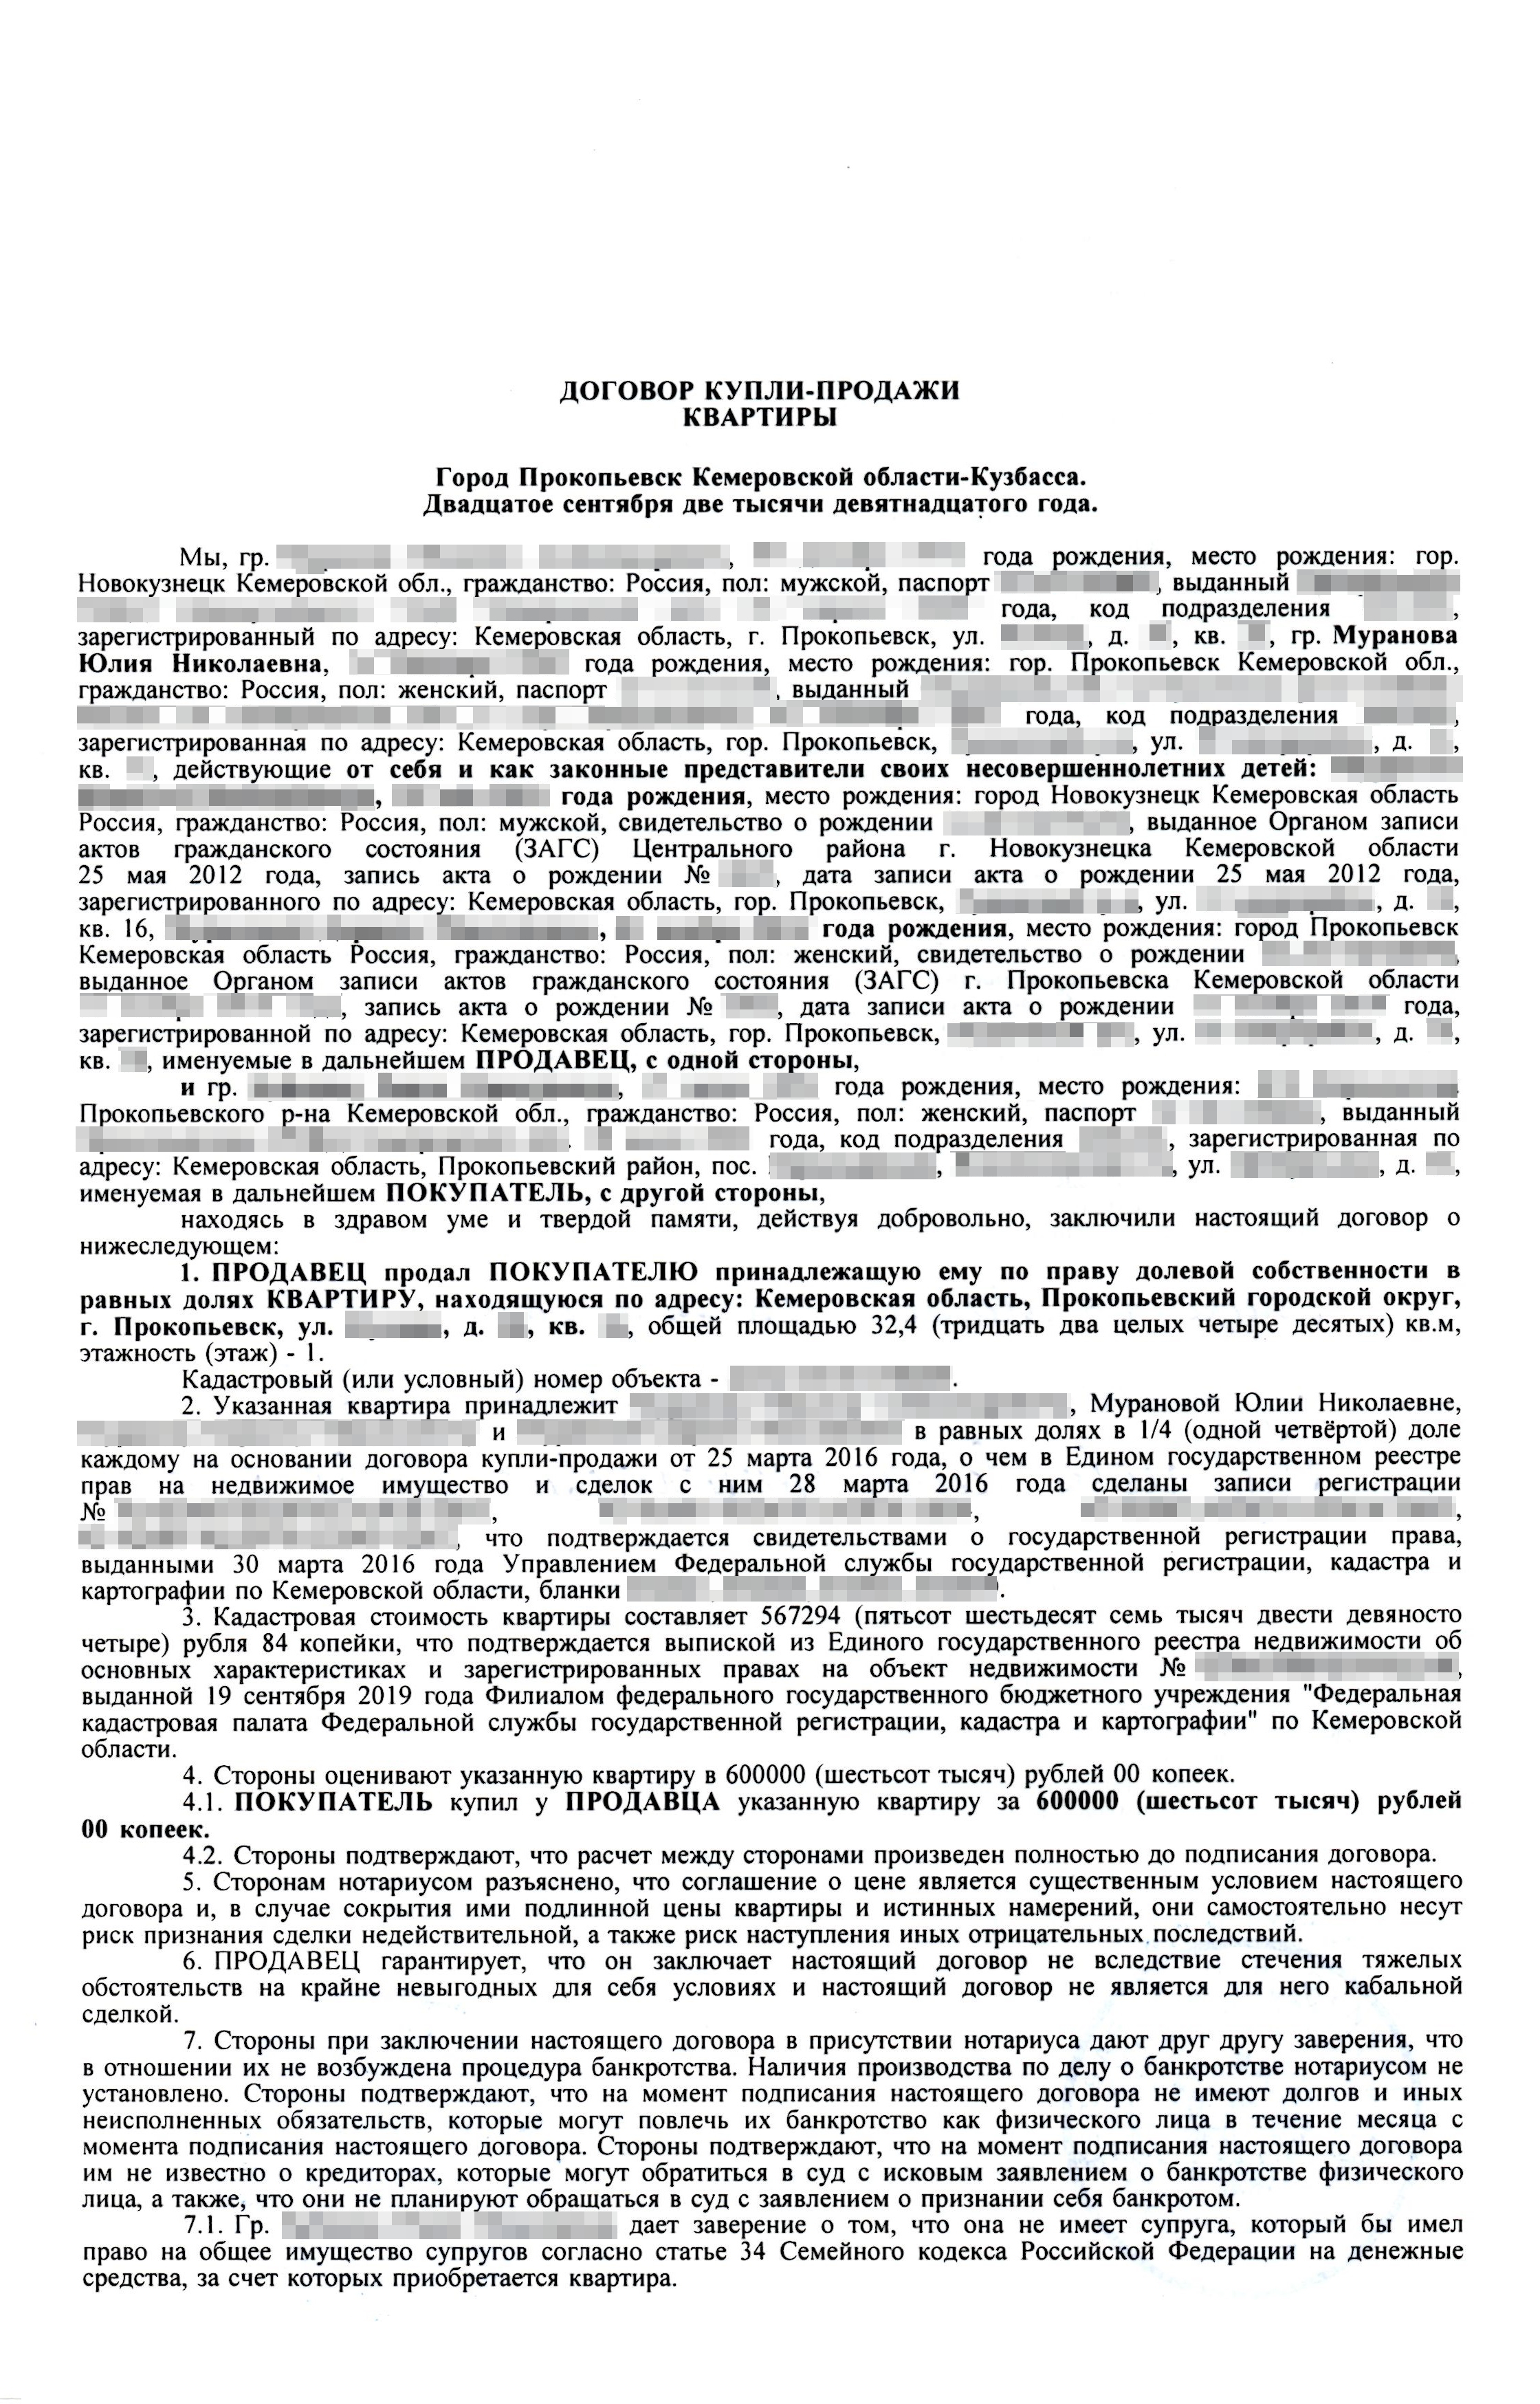 Договор купли-продажи квартиры, который составил нотариус